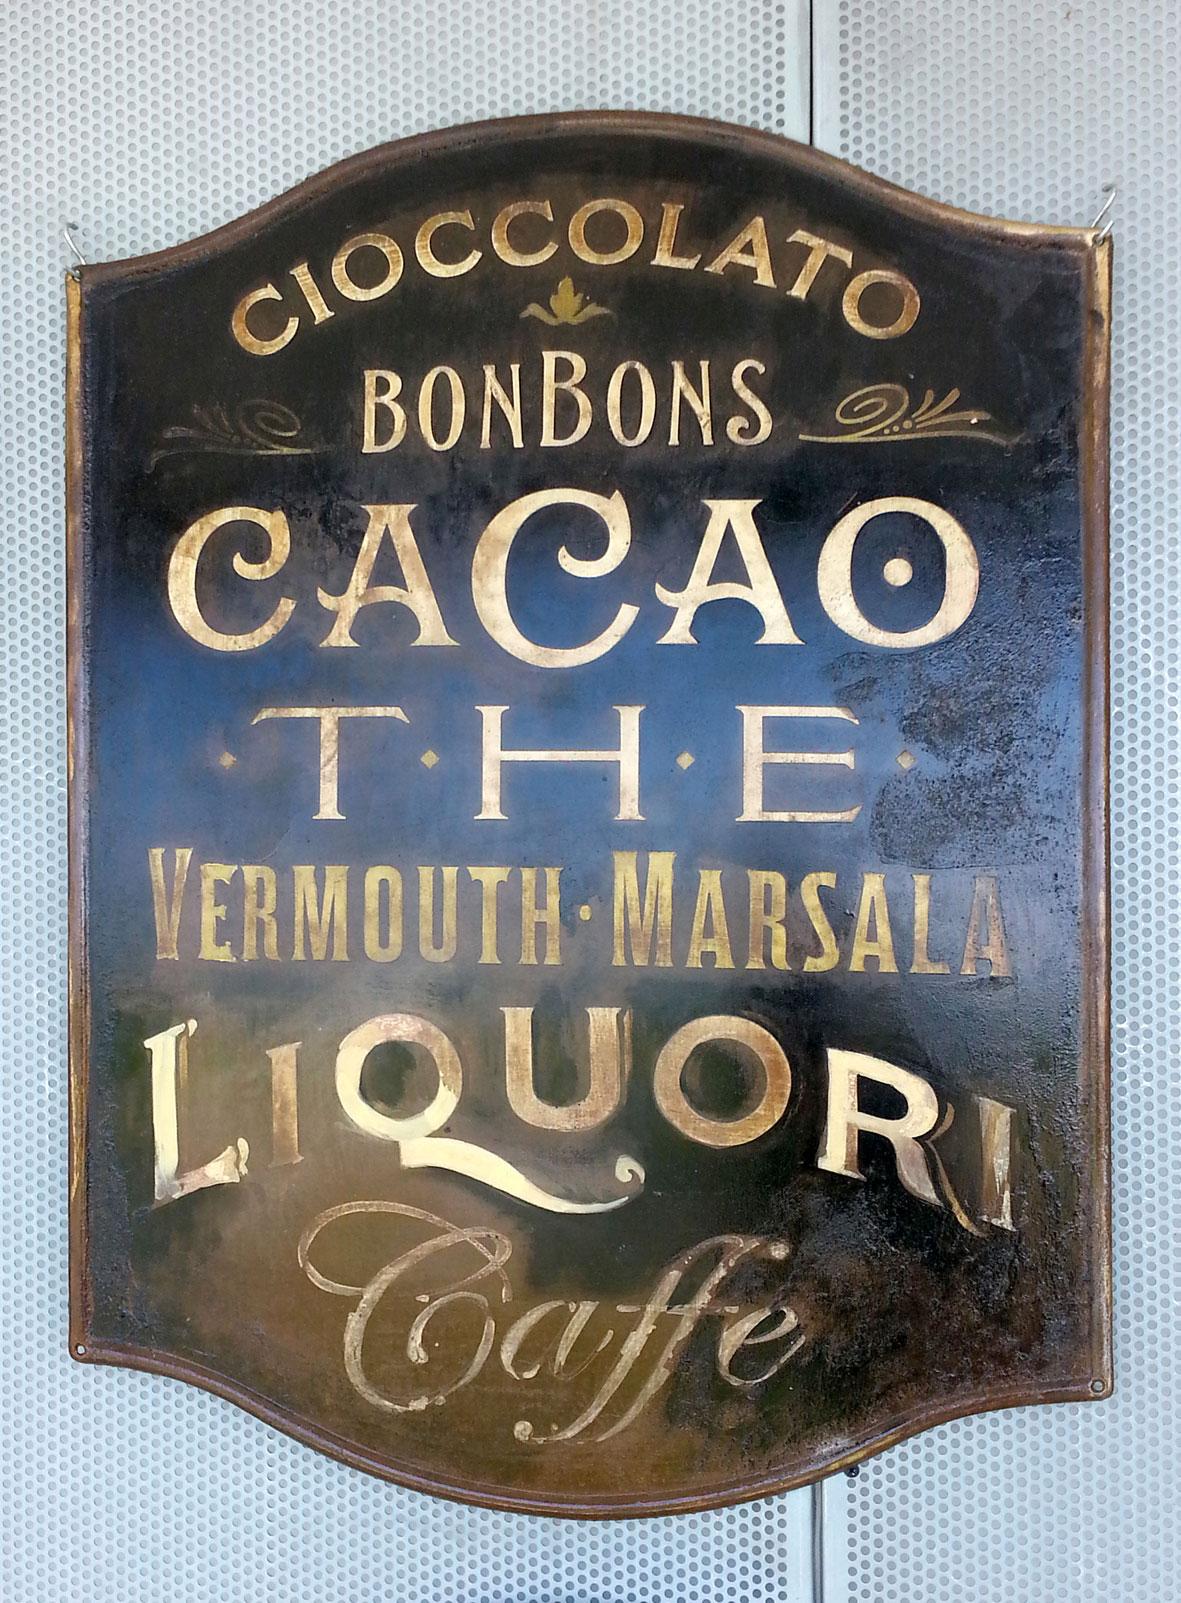 Cacao Bonbons Liquori